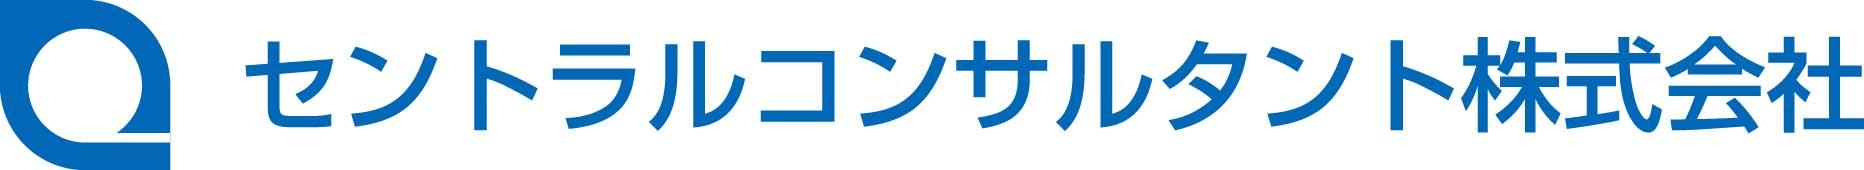 セントラルコンサルタント(株)